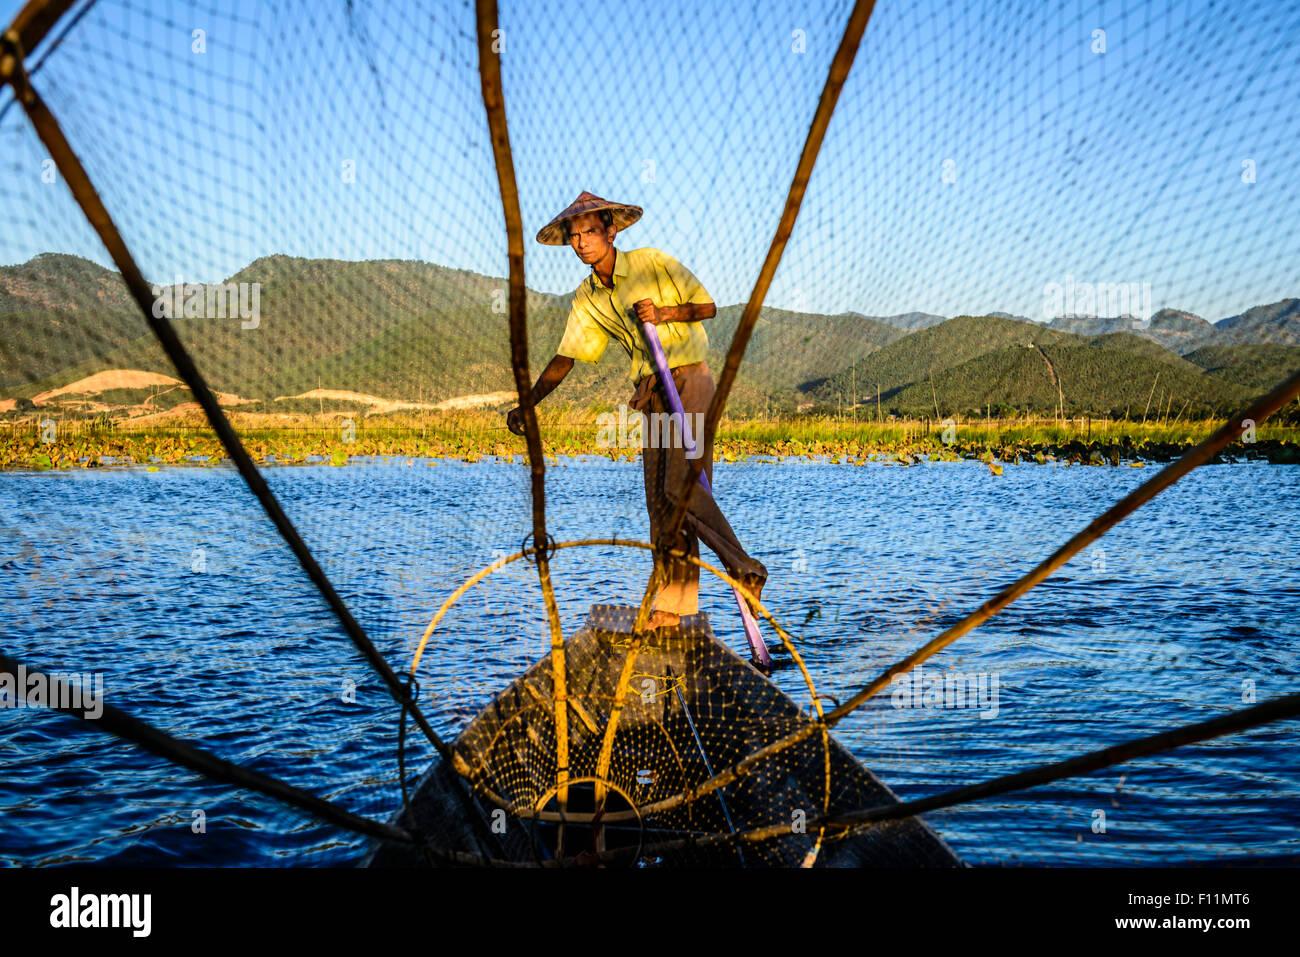 Asiatische Fischer mit Fischernetz in Kanus am Fluss Stockbild